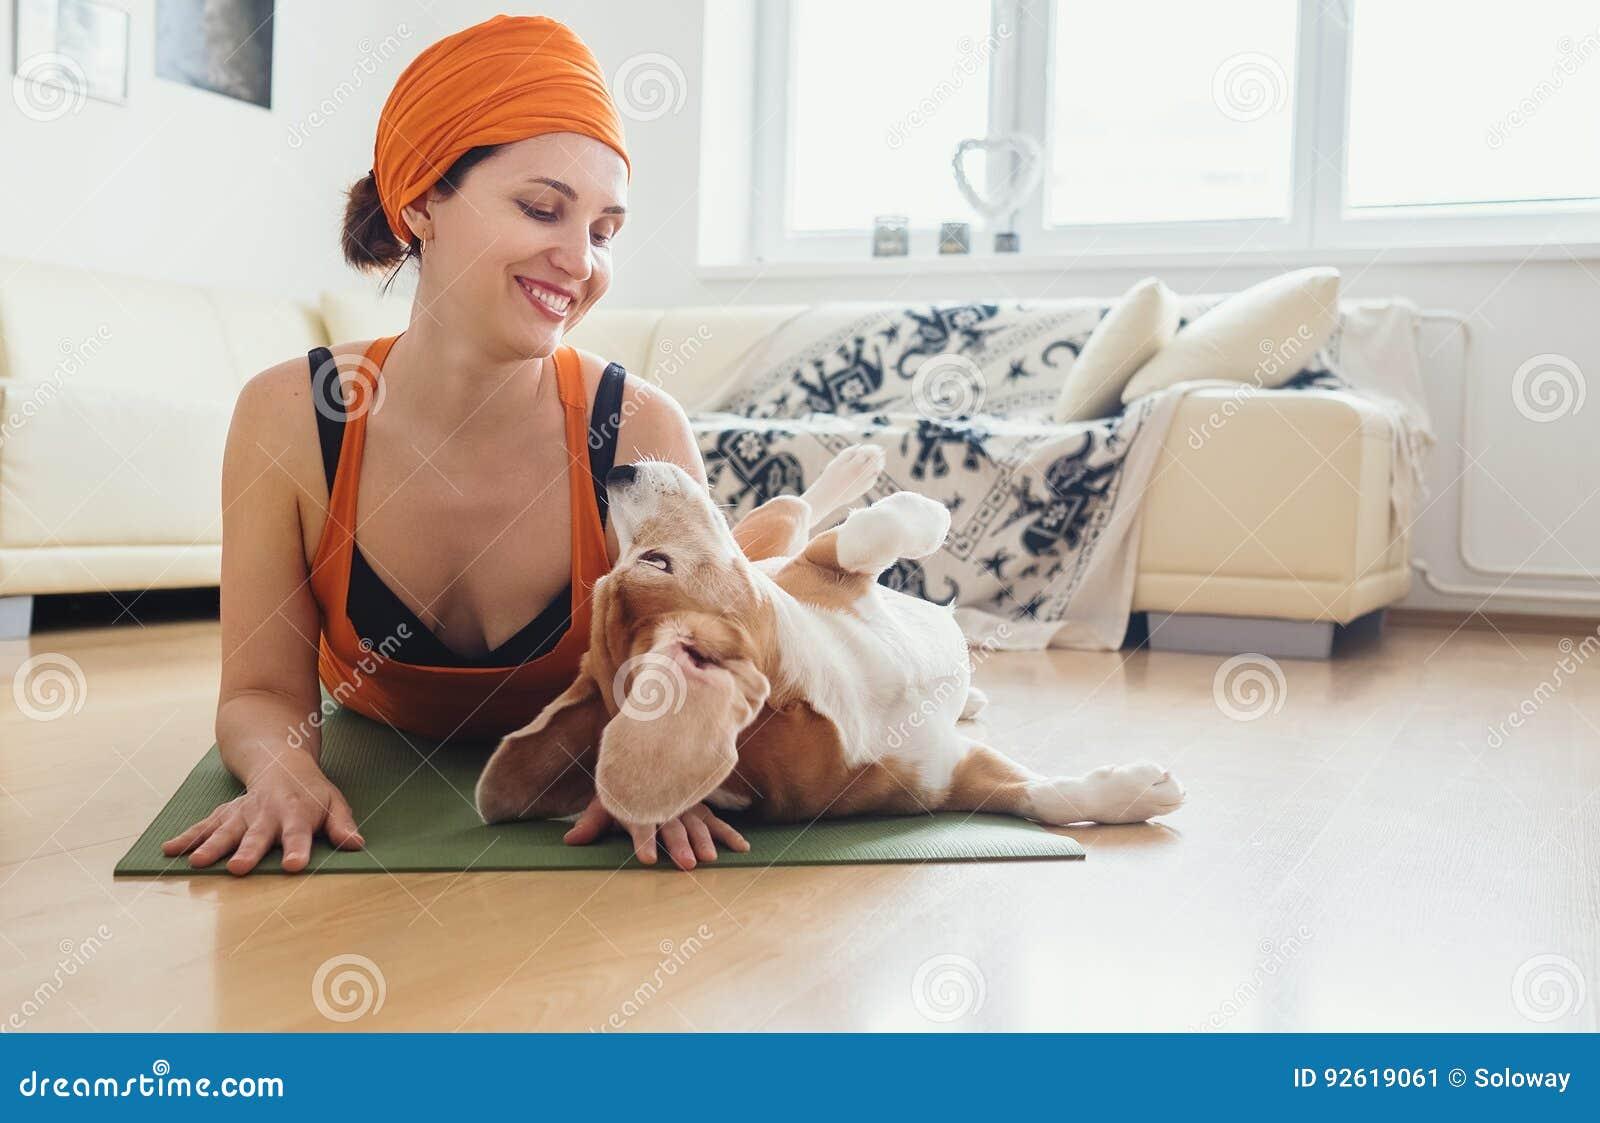 Η γυναίκα έχει την πρακτική γιόγκας στο σπίτι αλλά το σκυλί προσπαθεί να παίξει με την